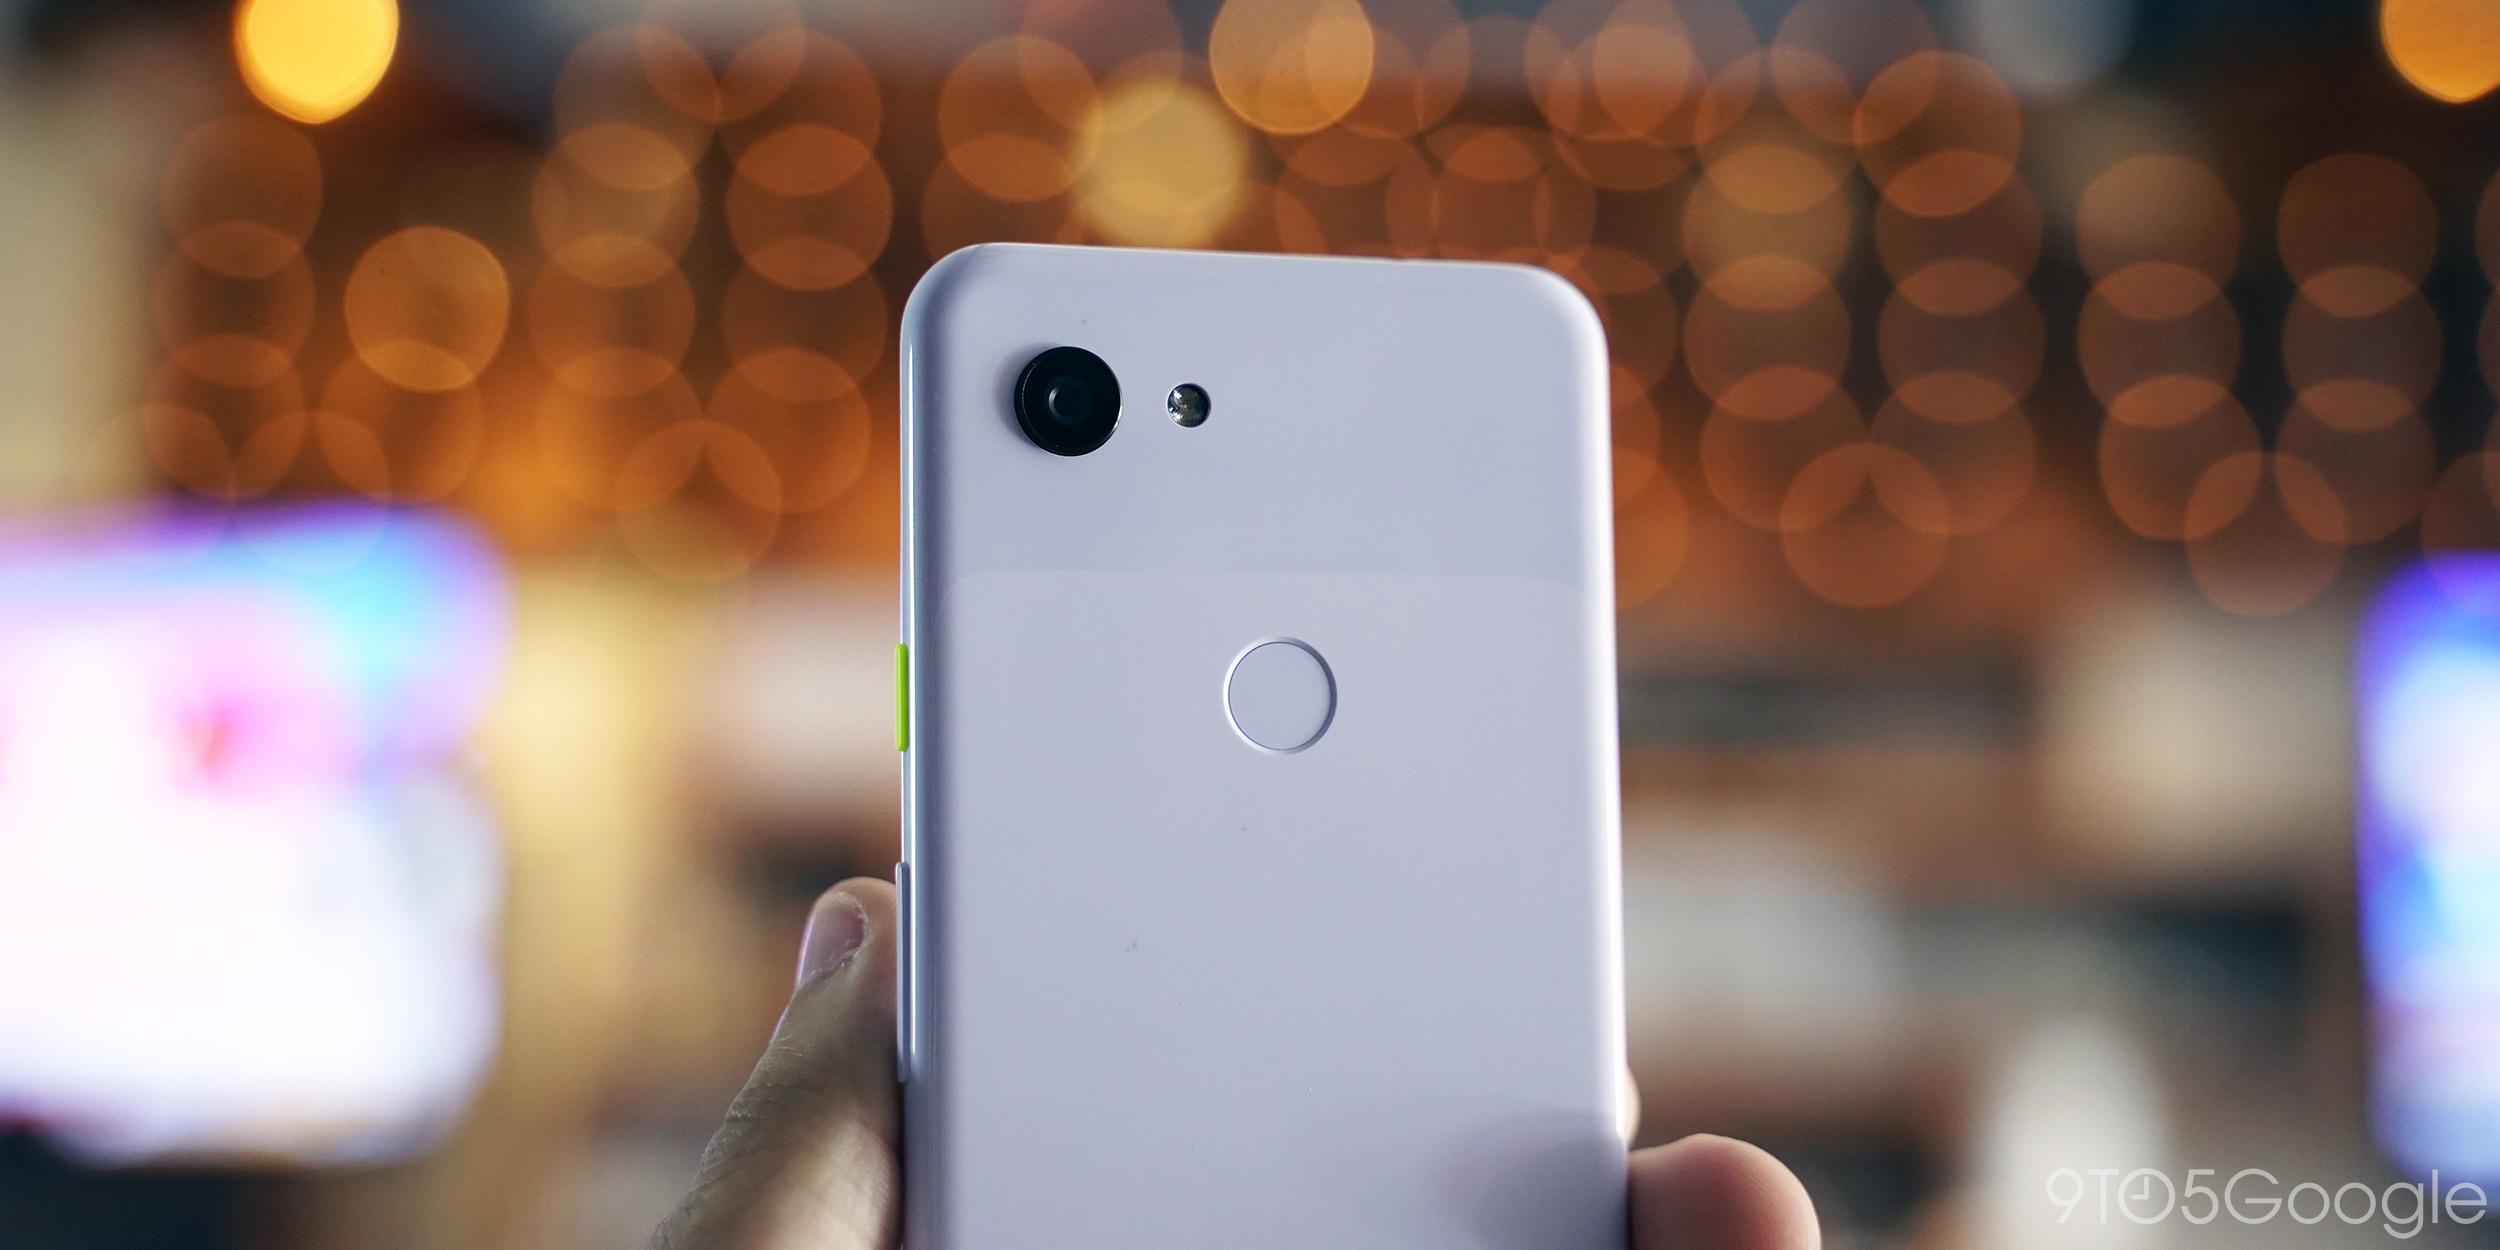 Google Pixel 3a belegt den ersten Platz in der Bestseller-Liste von Amazon für entsperrte Telefone